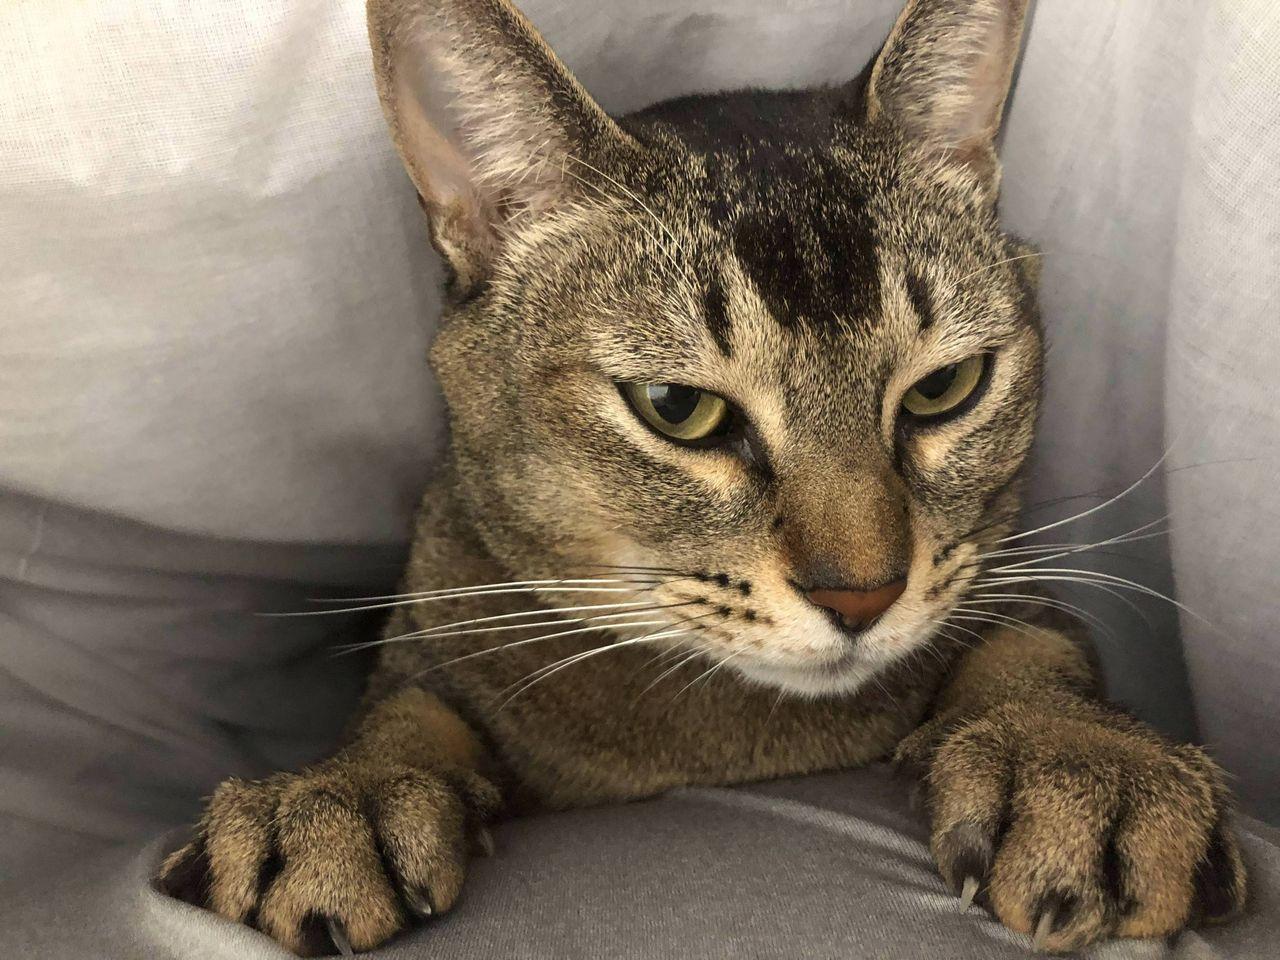 【朗報】ワイと猫、仲良くベッドでゴロゴロ中